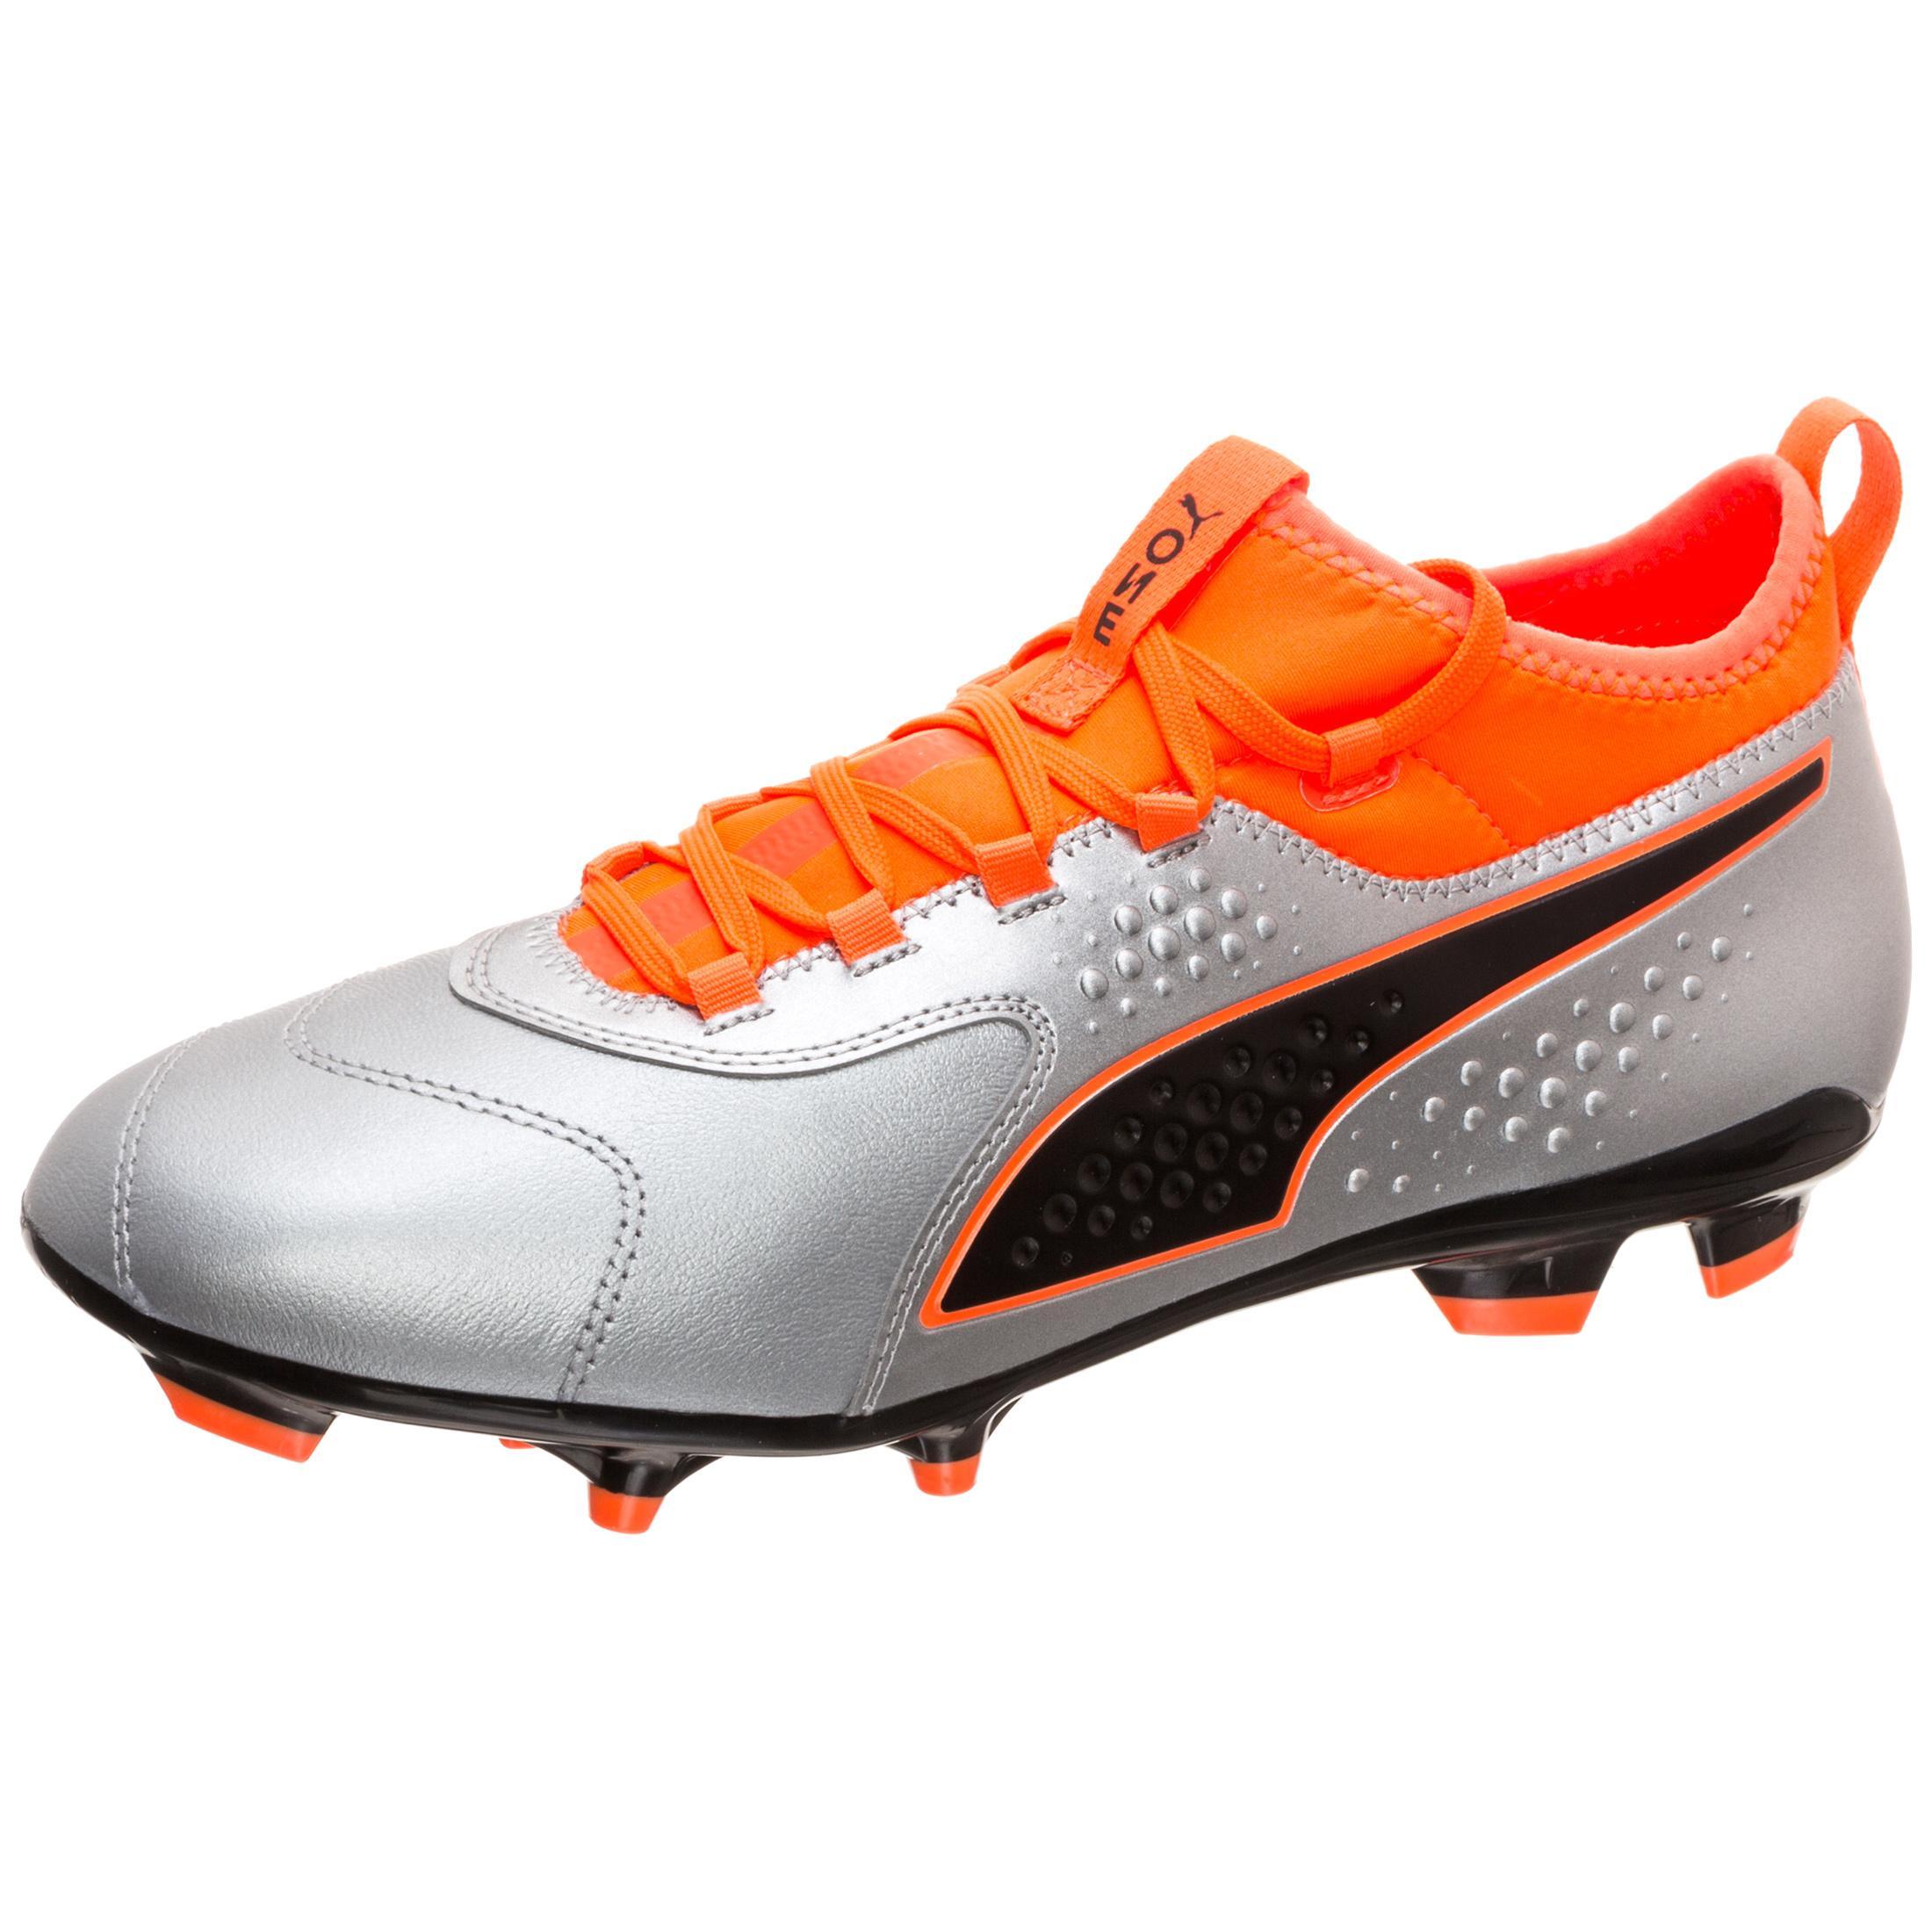 PUMA Puma ONE 3 Fußballschuhe Herren Herren Herren silber   neonOrange im Online Shop von SportScheck kaufen Gute Qualität beliebte Schuhe 6f4338